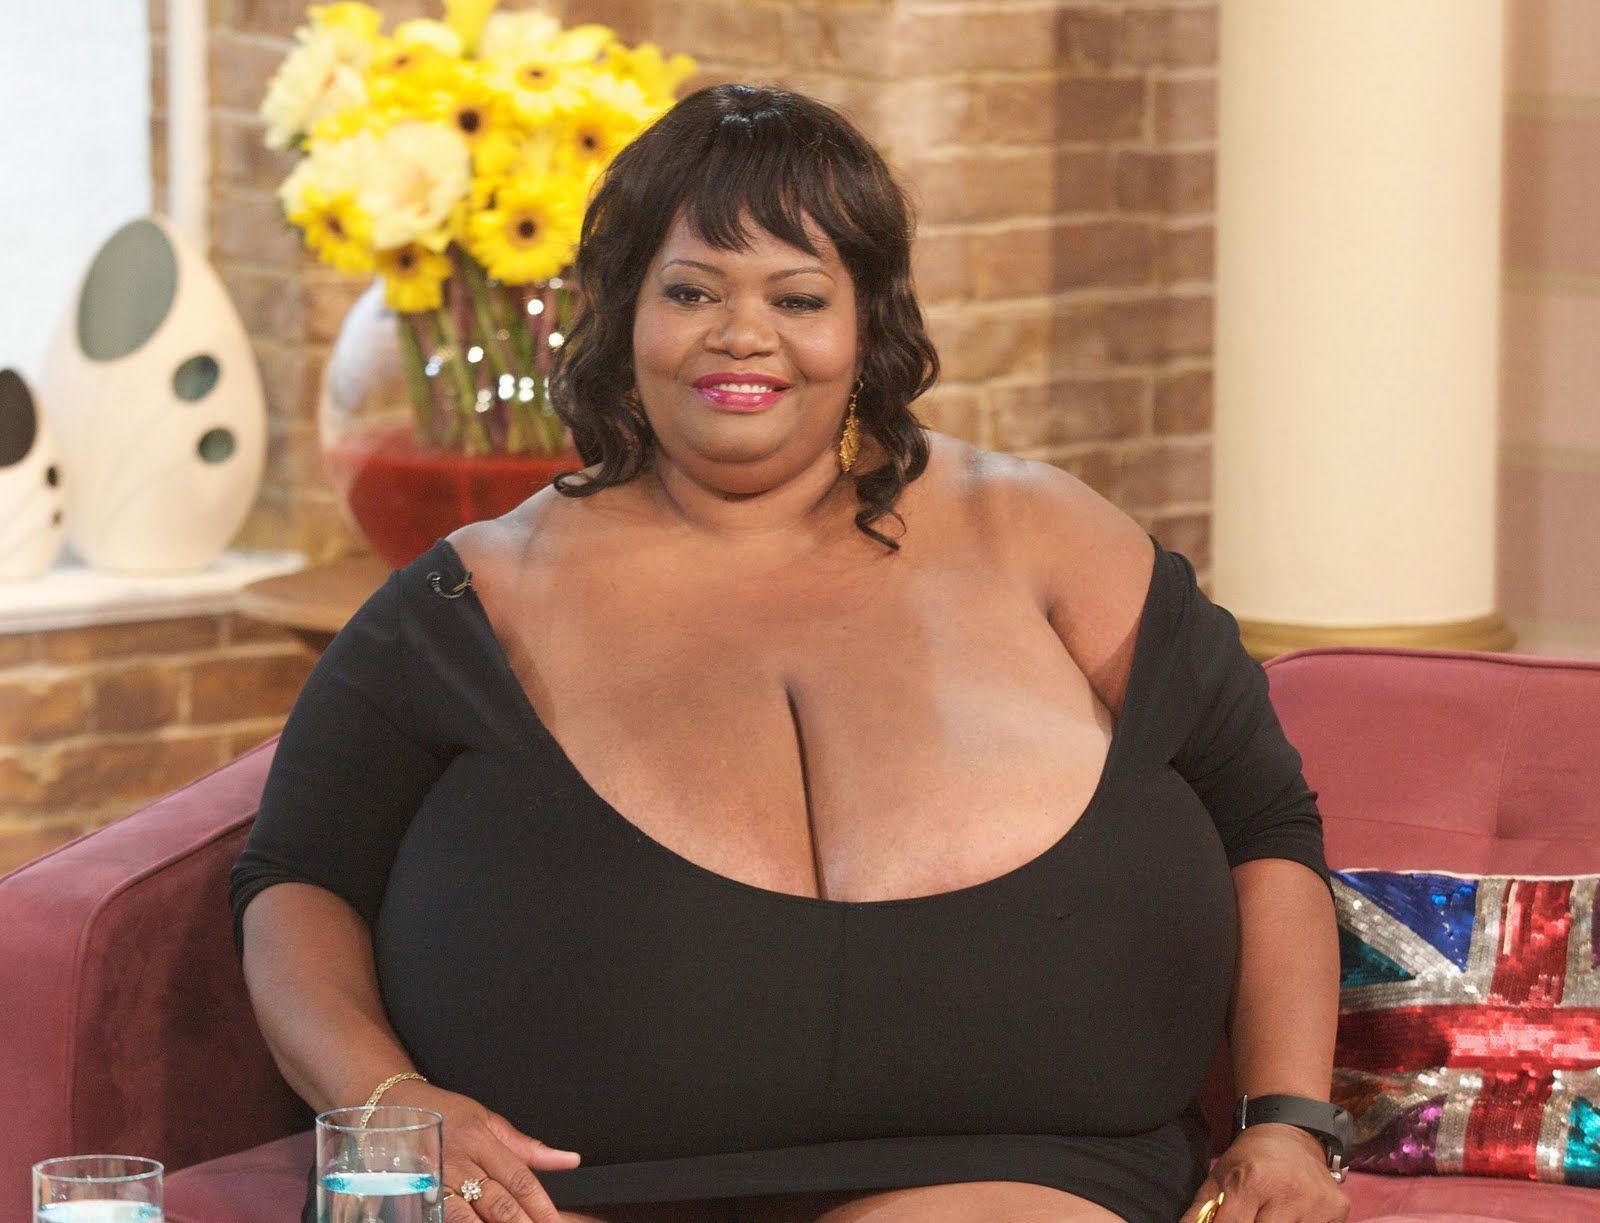 Смотреть порнухи большие дойки, Большие сиськи, большая грудь и дойки смотреть 18 фотография